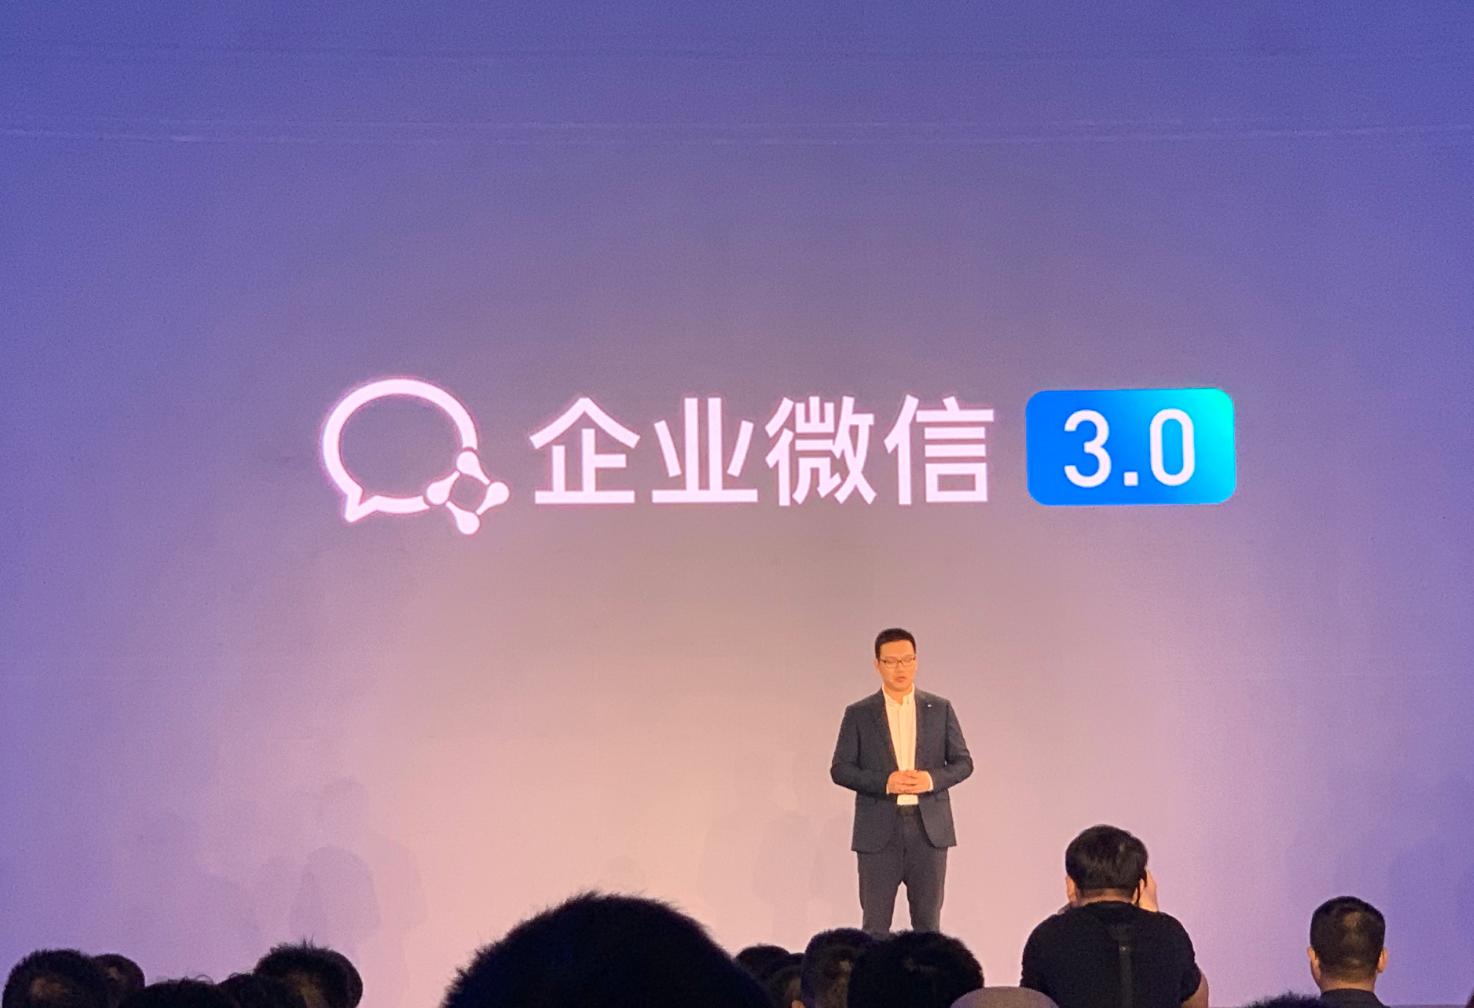 """企業微信上線3.0版本:新增""""客戶朋友圈""""""""百人群聊""""等功能"""